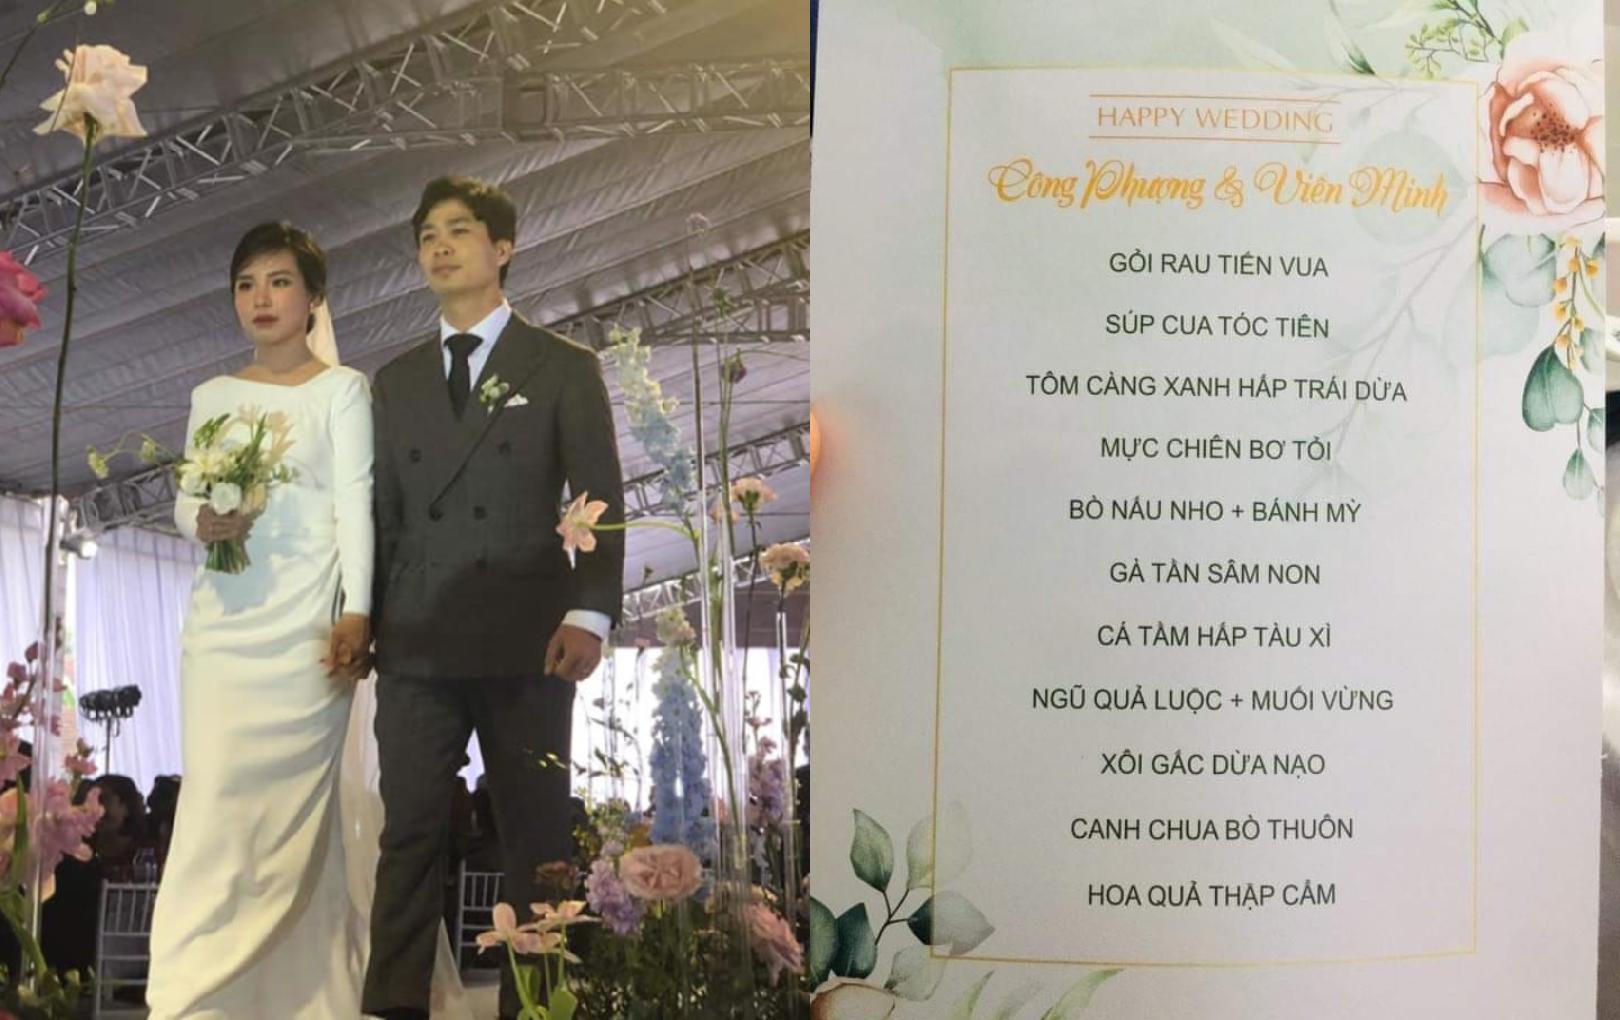 Hé lộ thực đơn 11 món trong đám cưới Công Phượng ở Nghệ An, bà con ngồi kín rạp chung vui